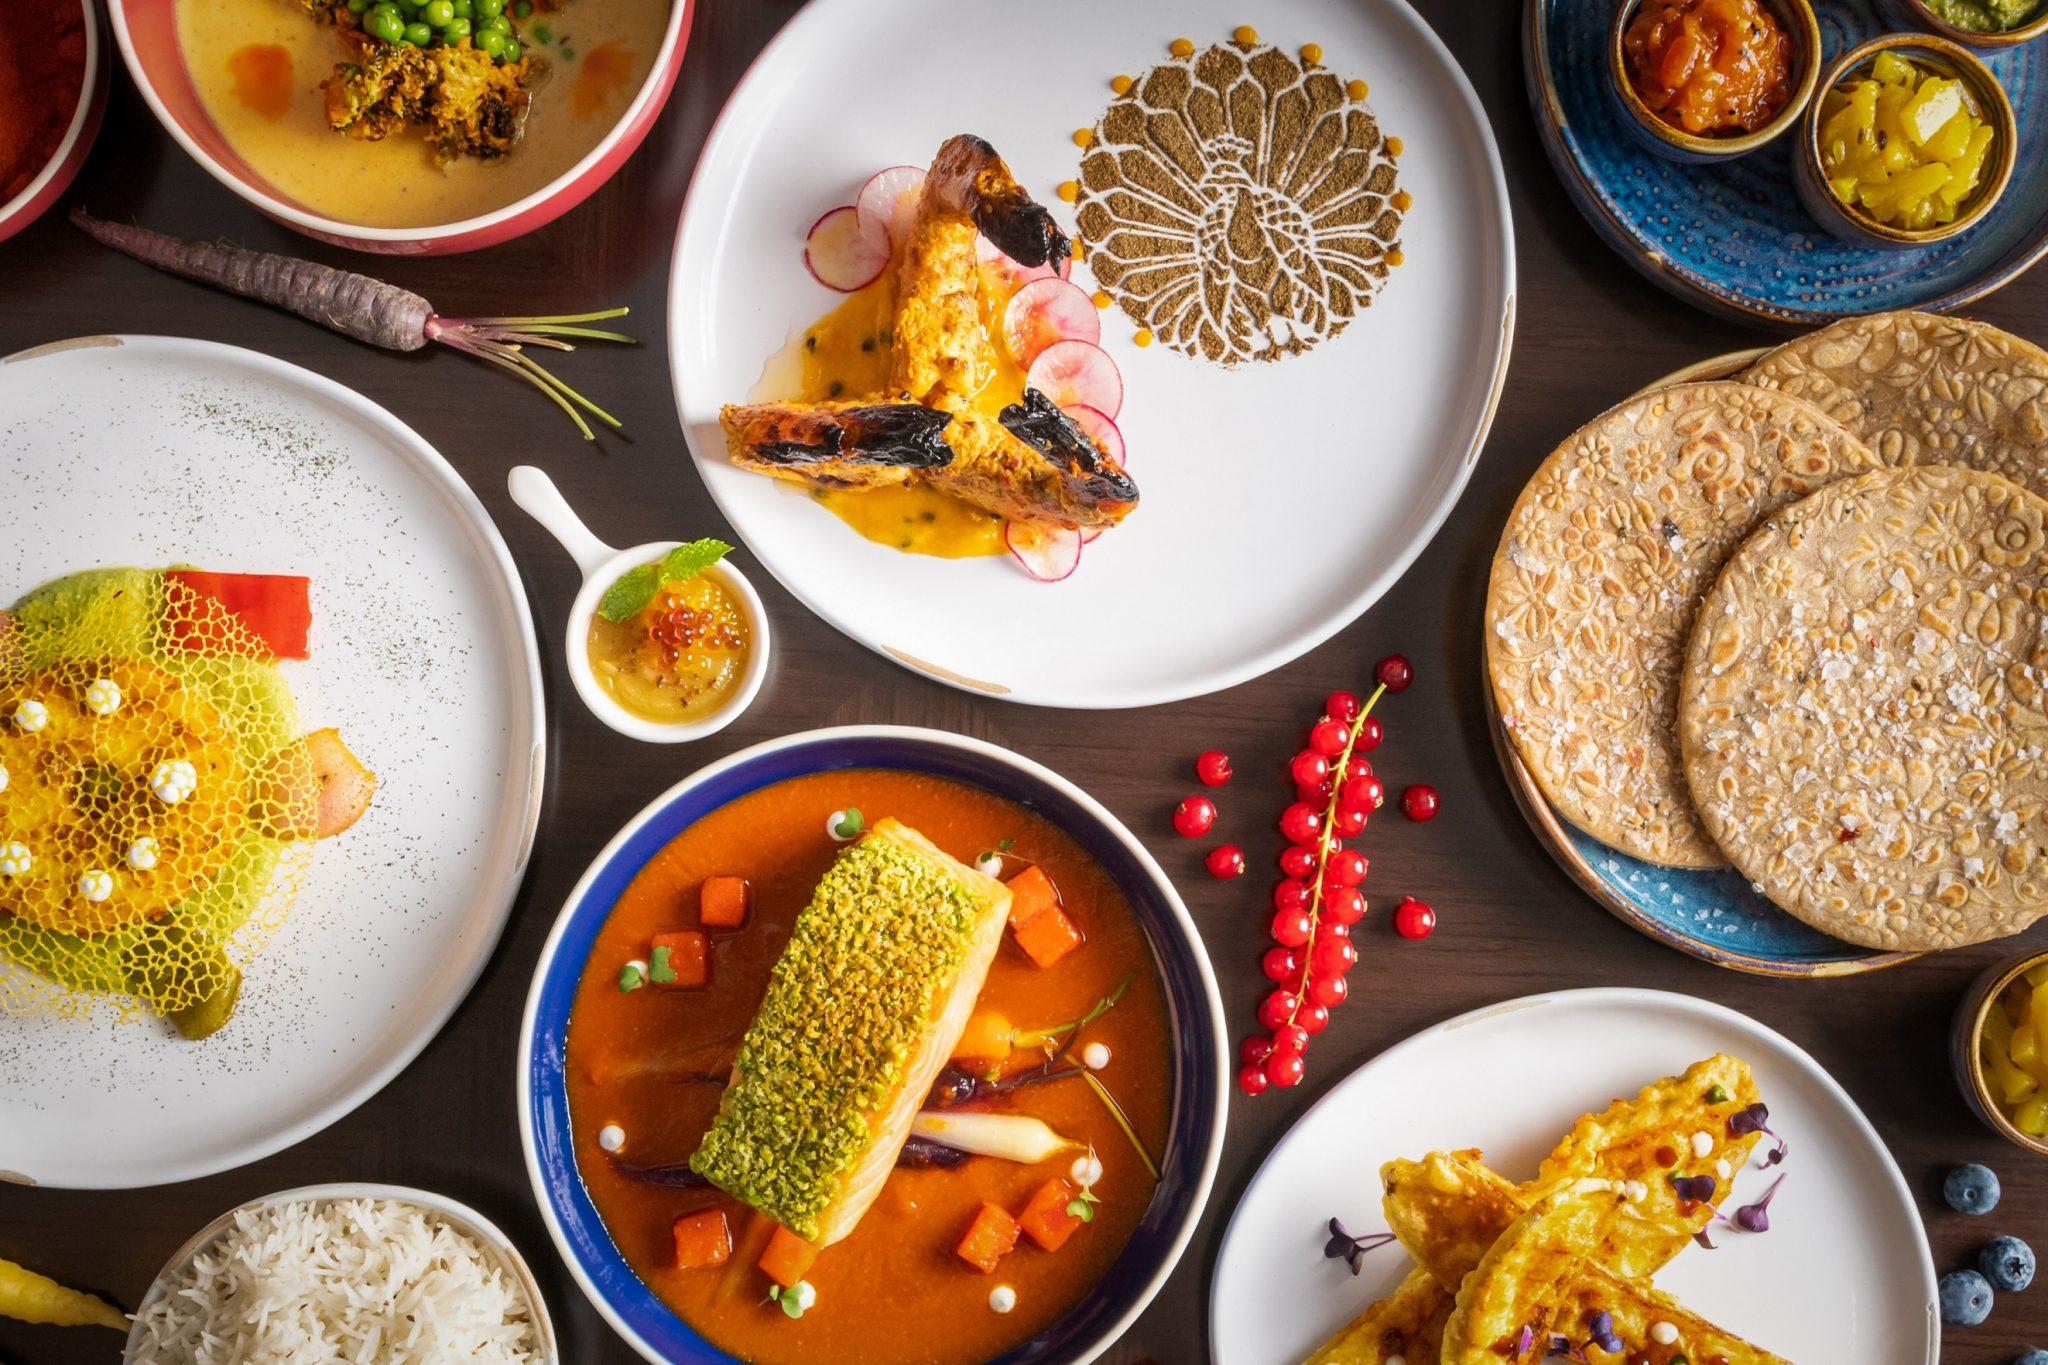 الأطباق الهندية الإقليمية الأصيلة